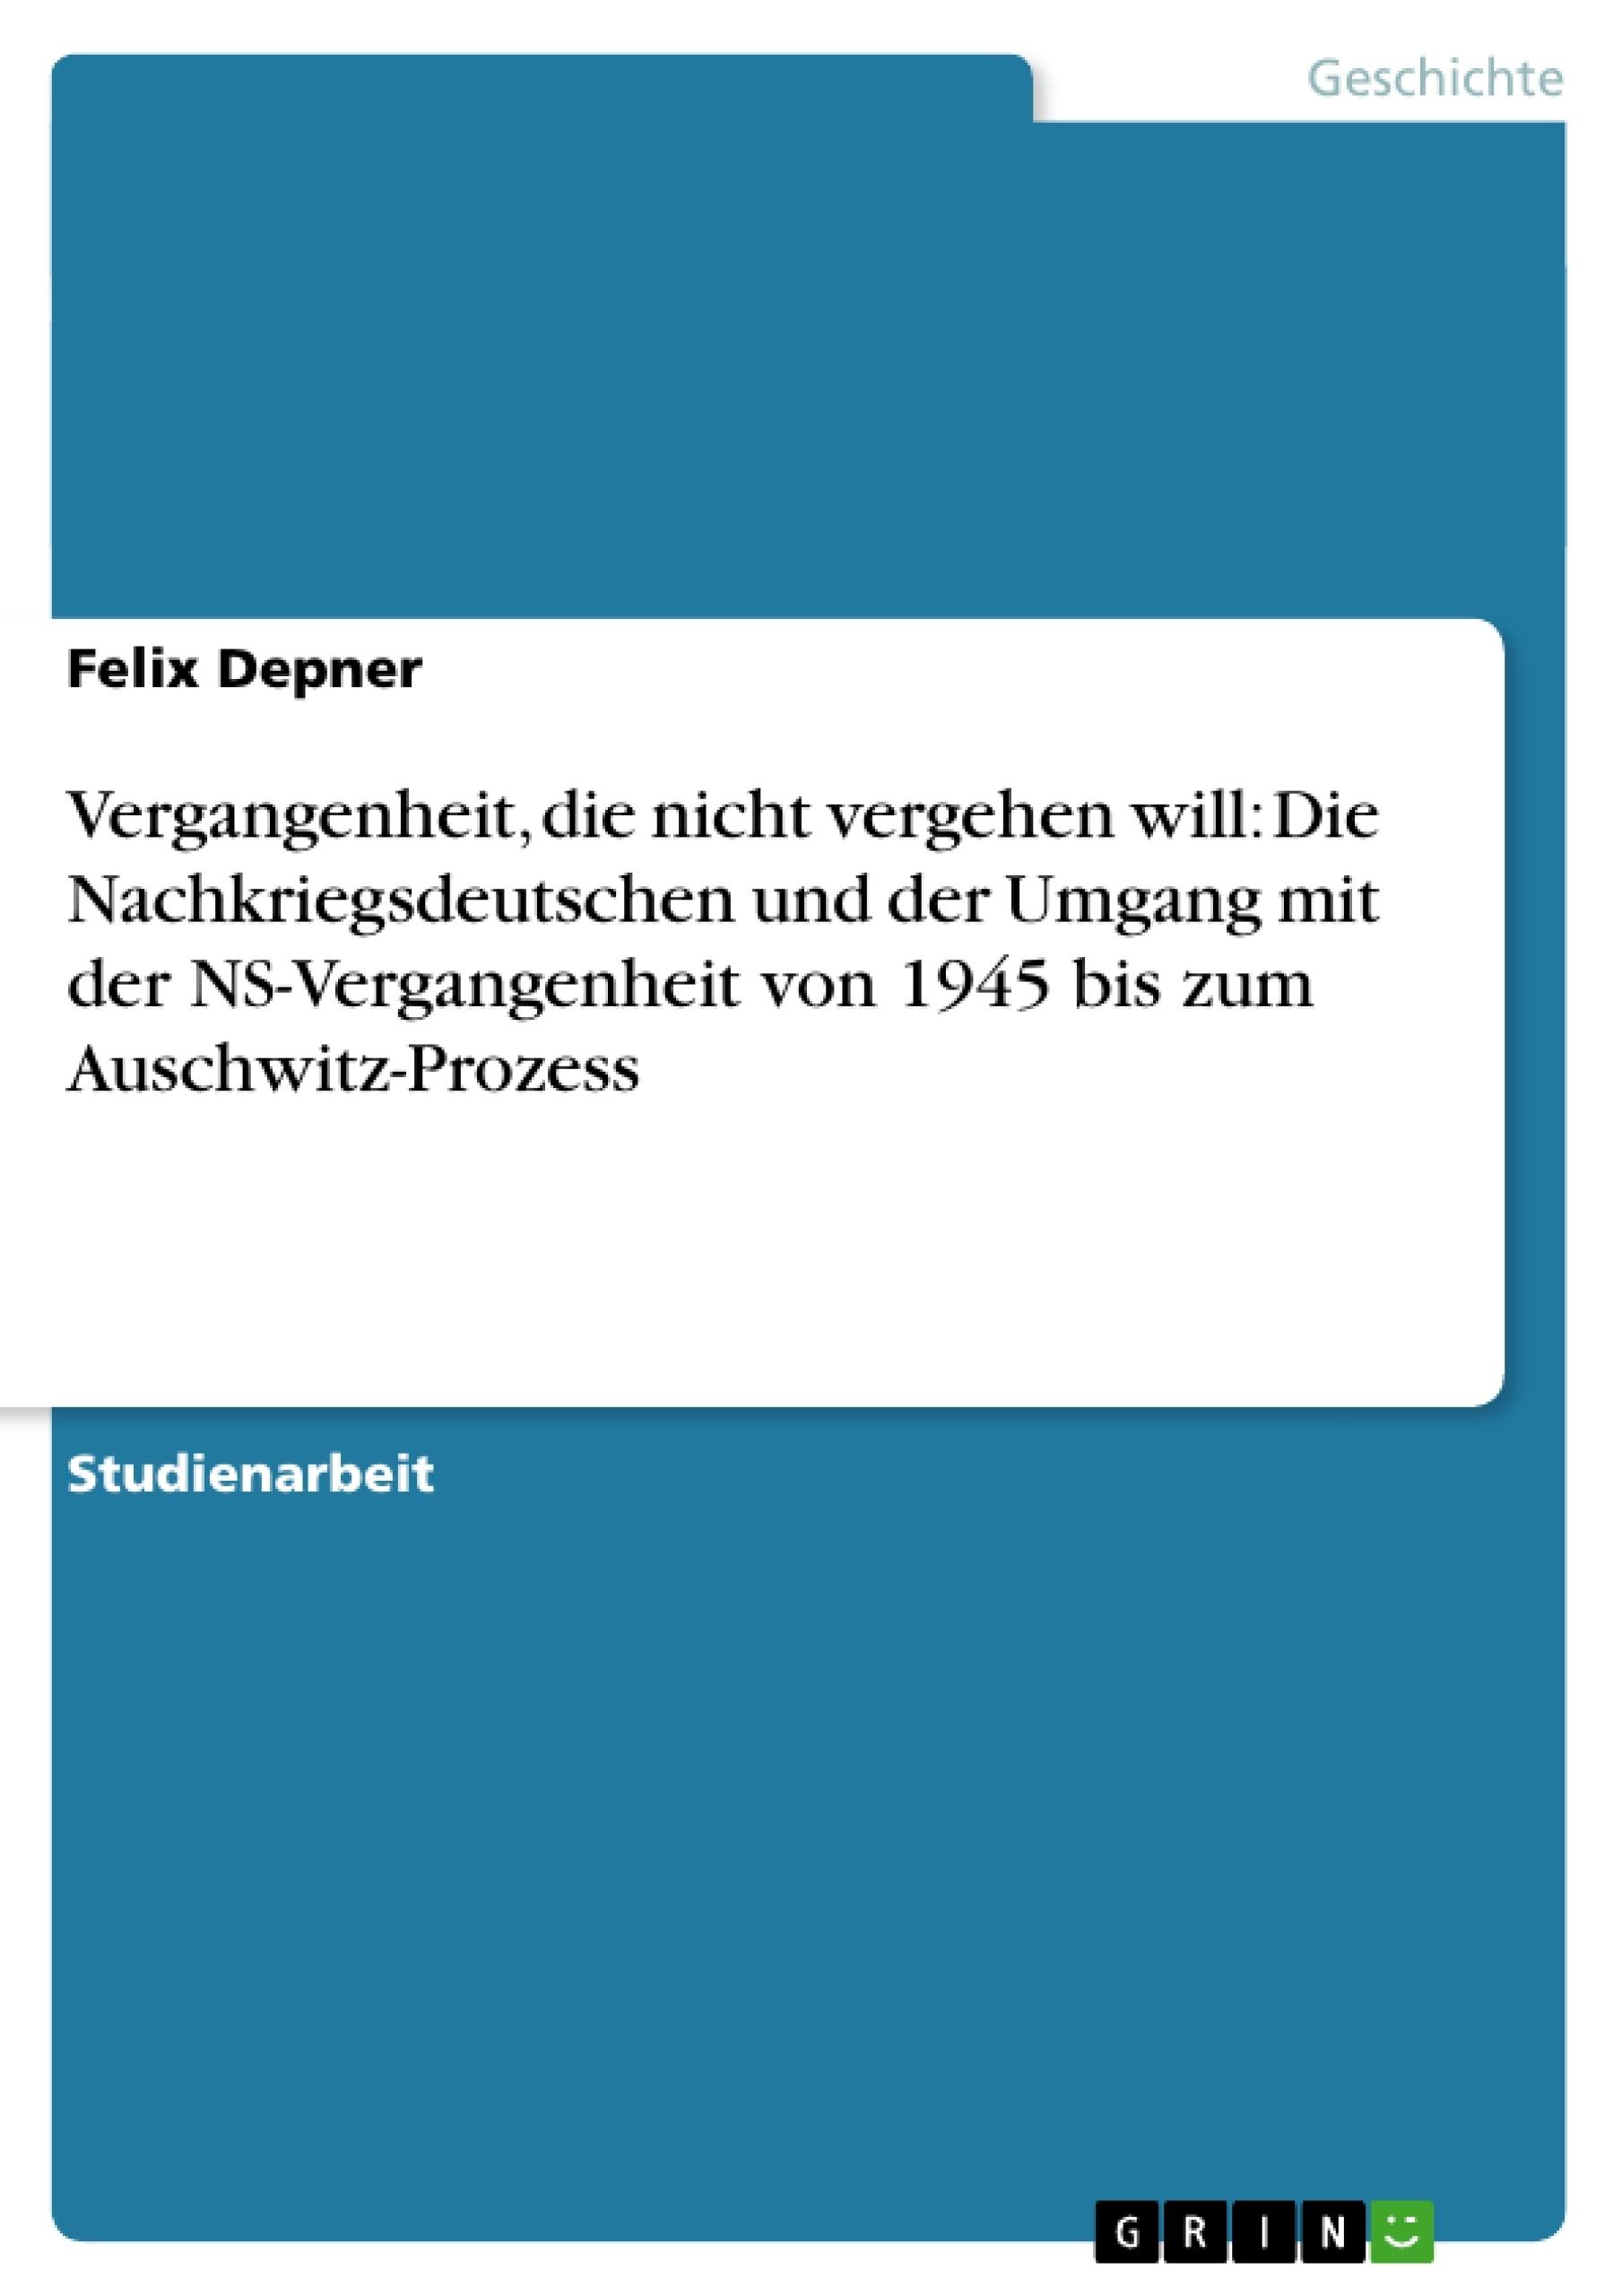 Titel: Vergangenheit, die nicht vergehen will: Die Nachkriegsdeutschen und der Umgang mit der NS-Vergangenheit von 1945 bis zum Auschwitz-Prozess